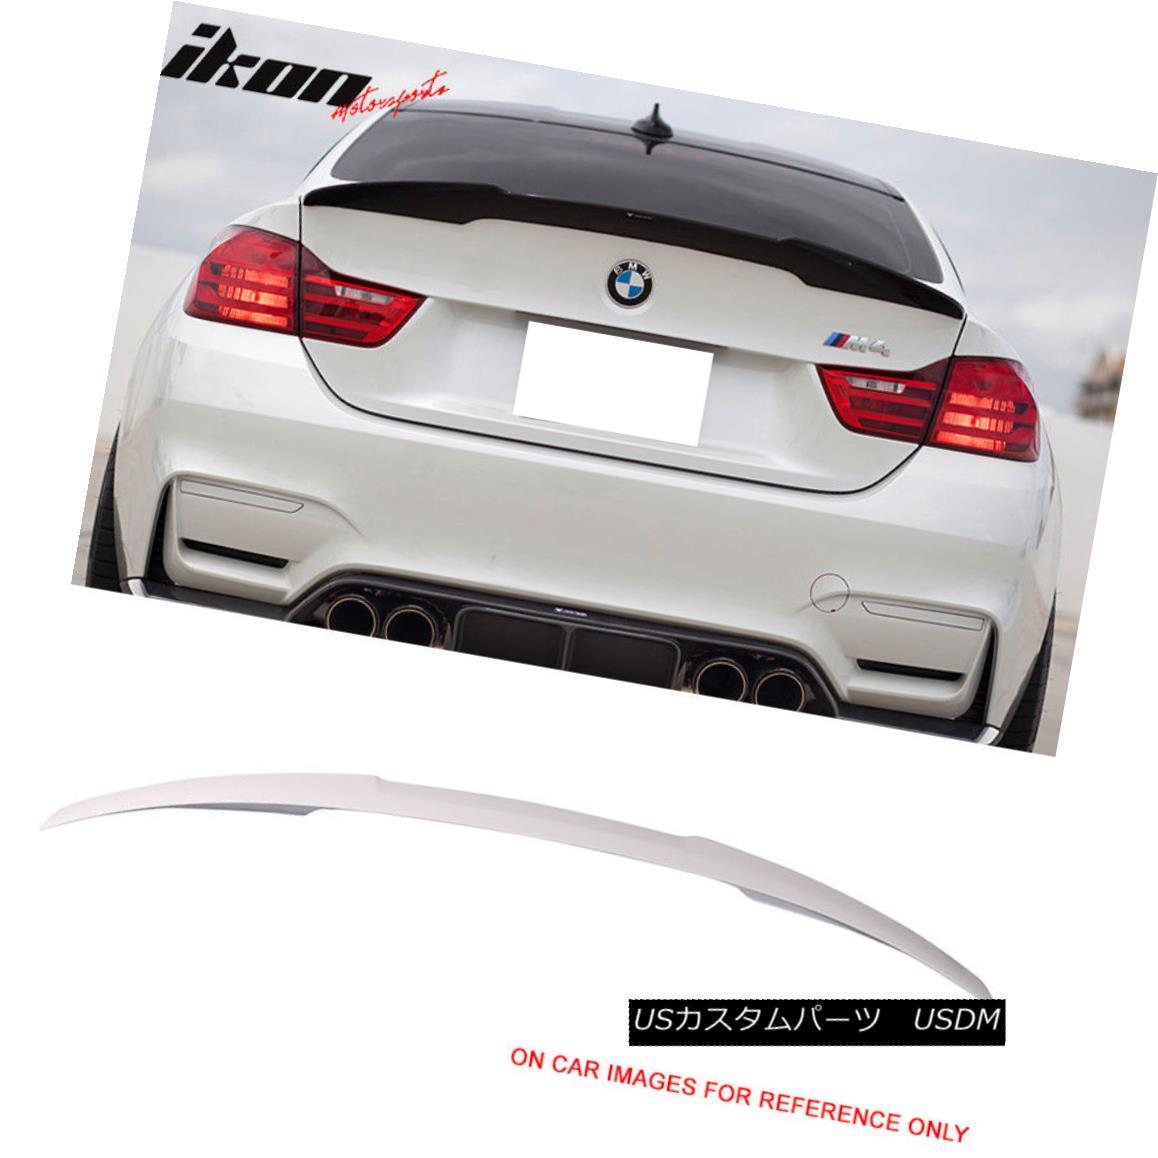 エアロパーツ Fits 14-17 BMW 4 Series F32 M4 Trunk Spoiler Painted #300 Alpine White III フィット14-17 BMW 4シリーズF32 M4トランク・スポイラー#300アルパイン・ホワイトIII